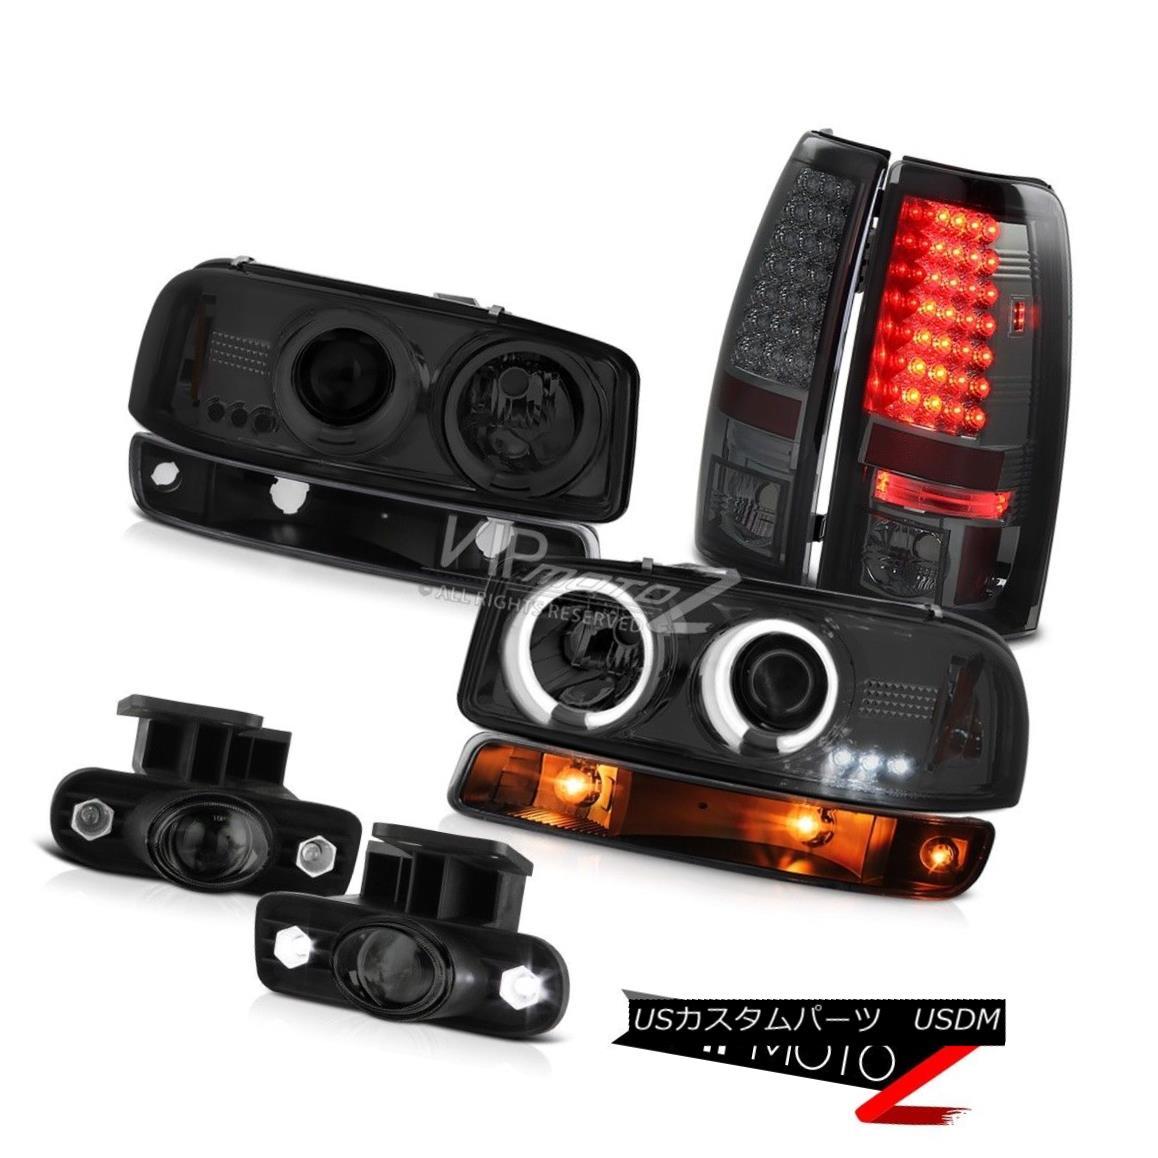 ヘッドライト 99-02 Sierra 2500 Foglights smd parking brake lights black light ccfl Headlamps 99-02 Sierra 2500 Foglights smdパーキングブレーキライトブラックライトccflヘッドランプ